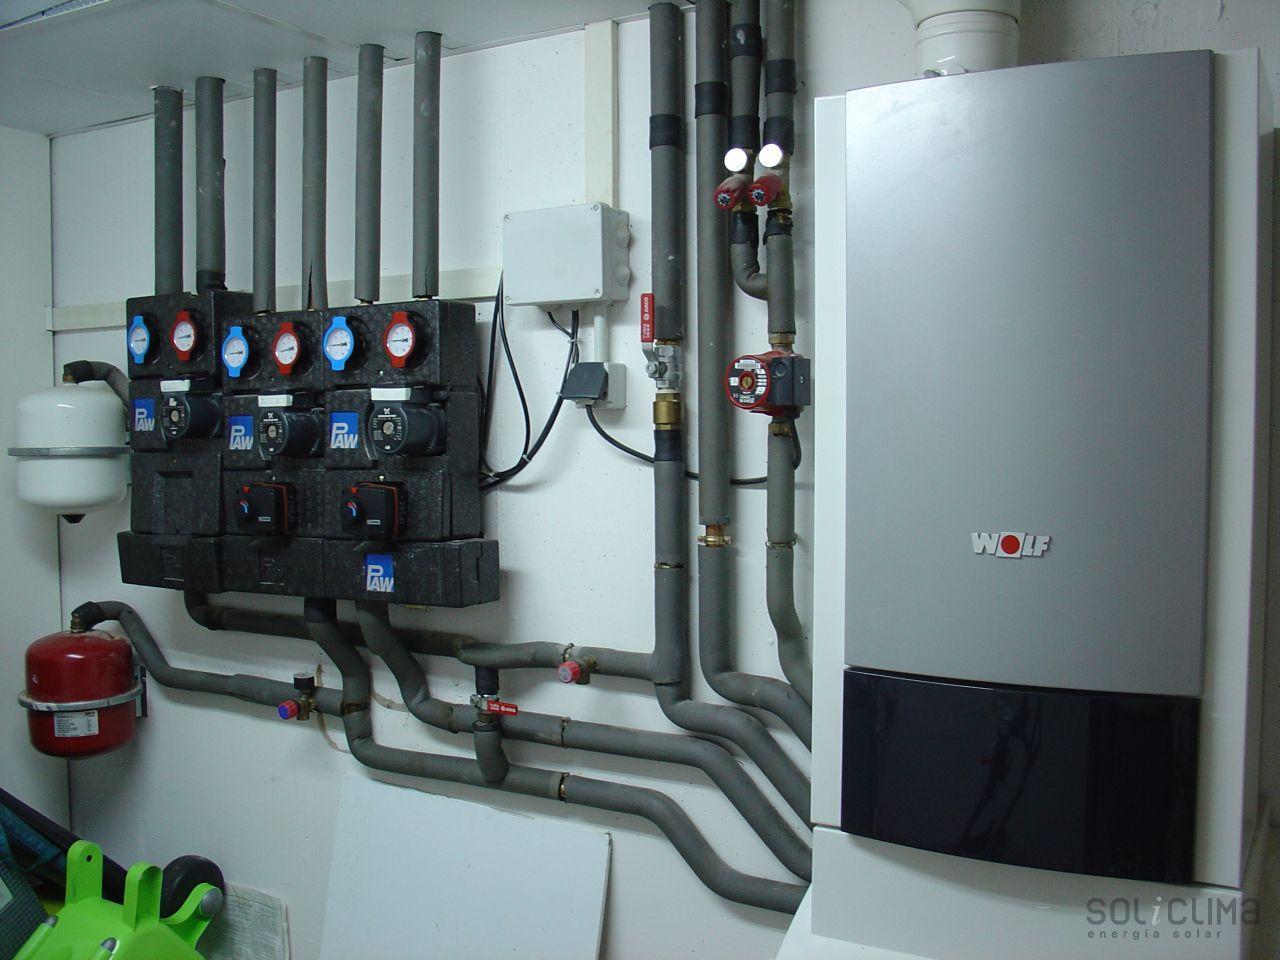 Solucion A Los Cortes De Electricidad